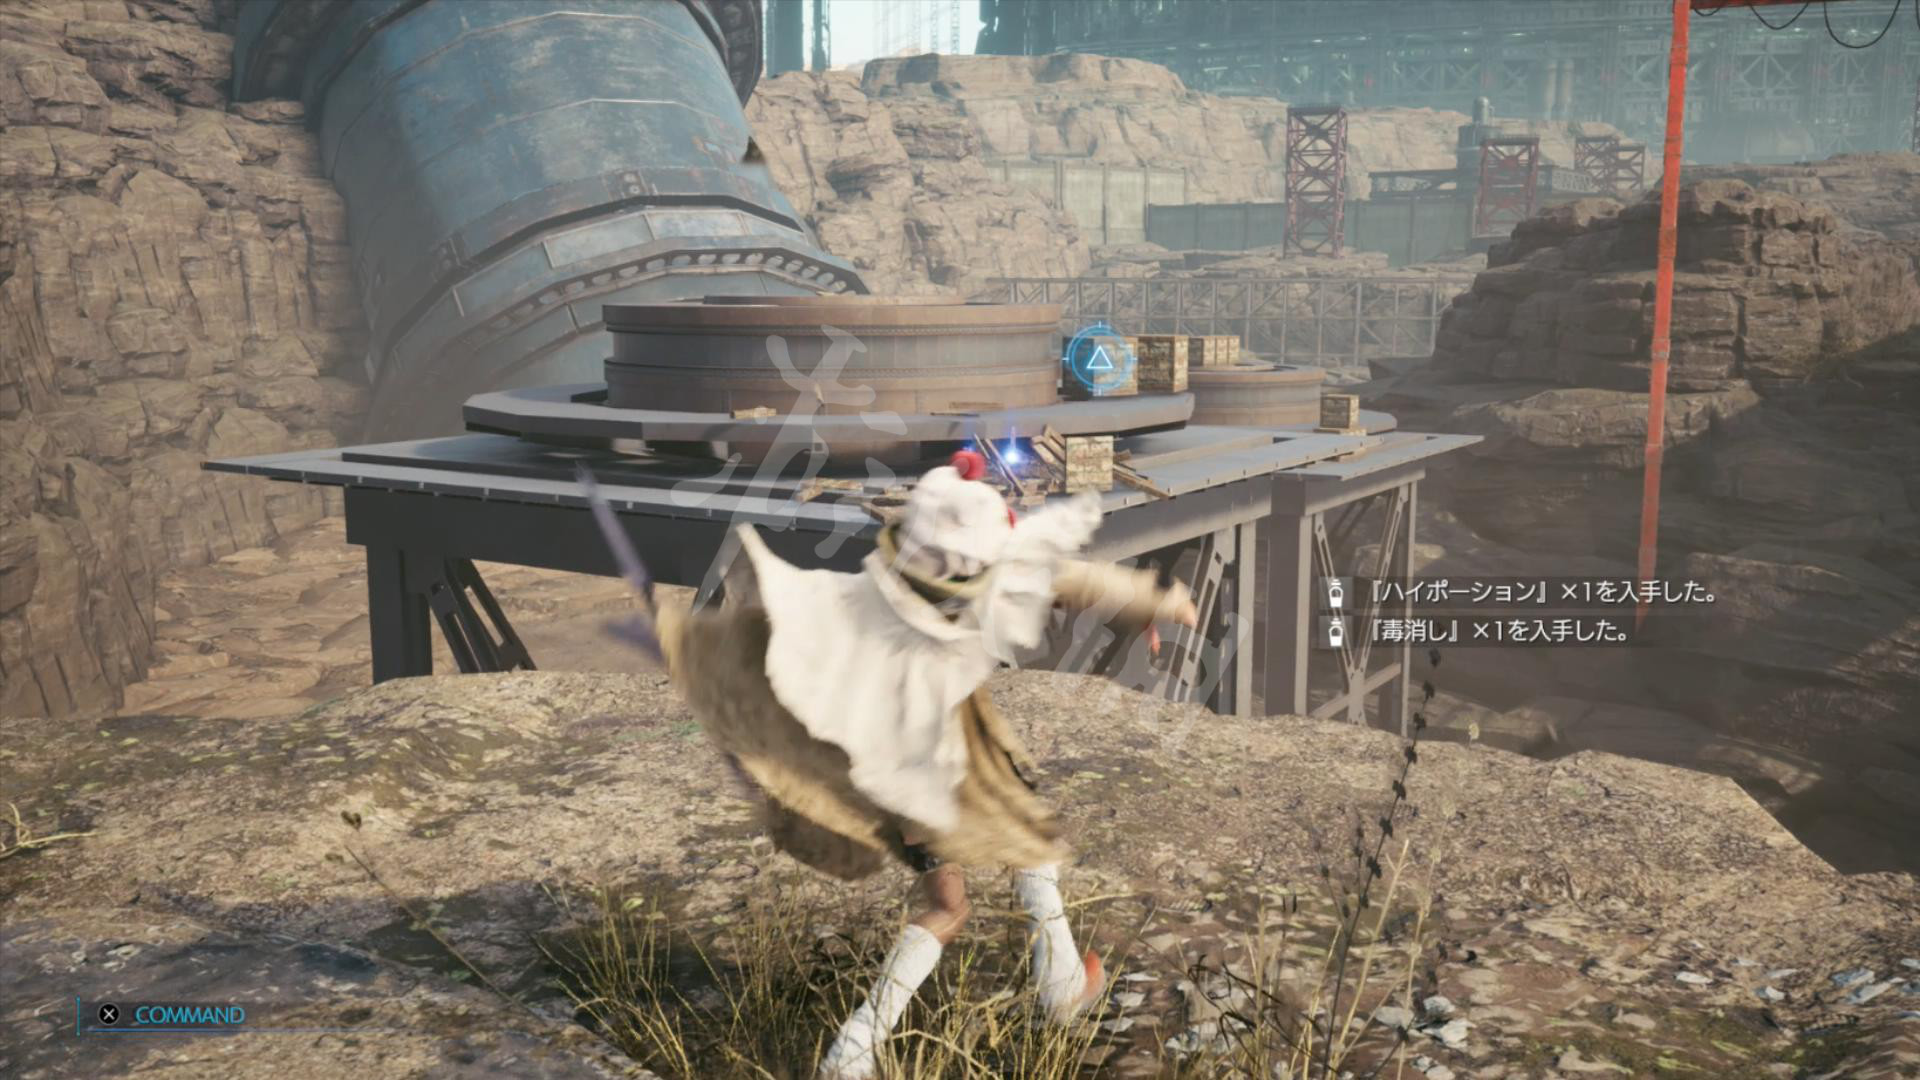 《最終幻想7:重製過渡版》圖文攻略:流程攻略+戰鬥系統+武器收集+BOSS打法+支線任務+小游戲攻略【游俠攻略組】